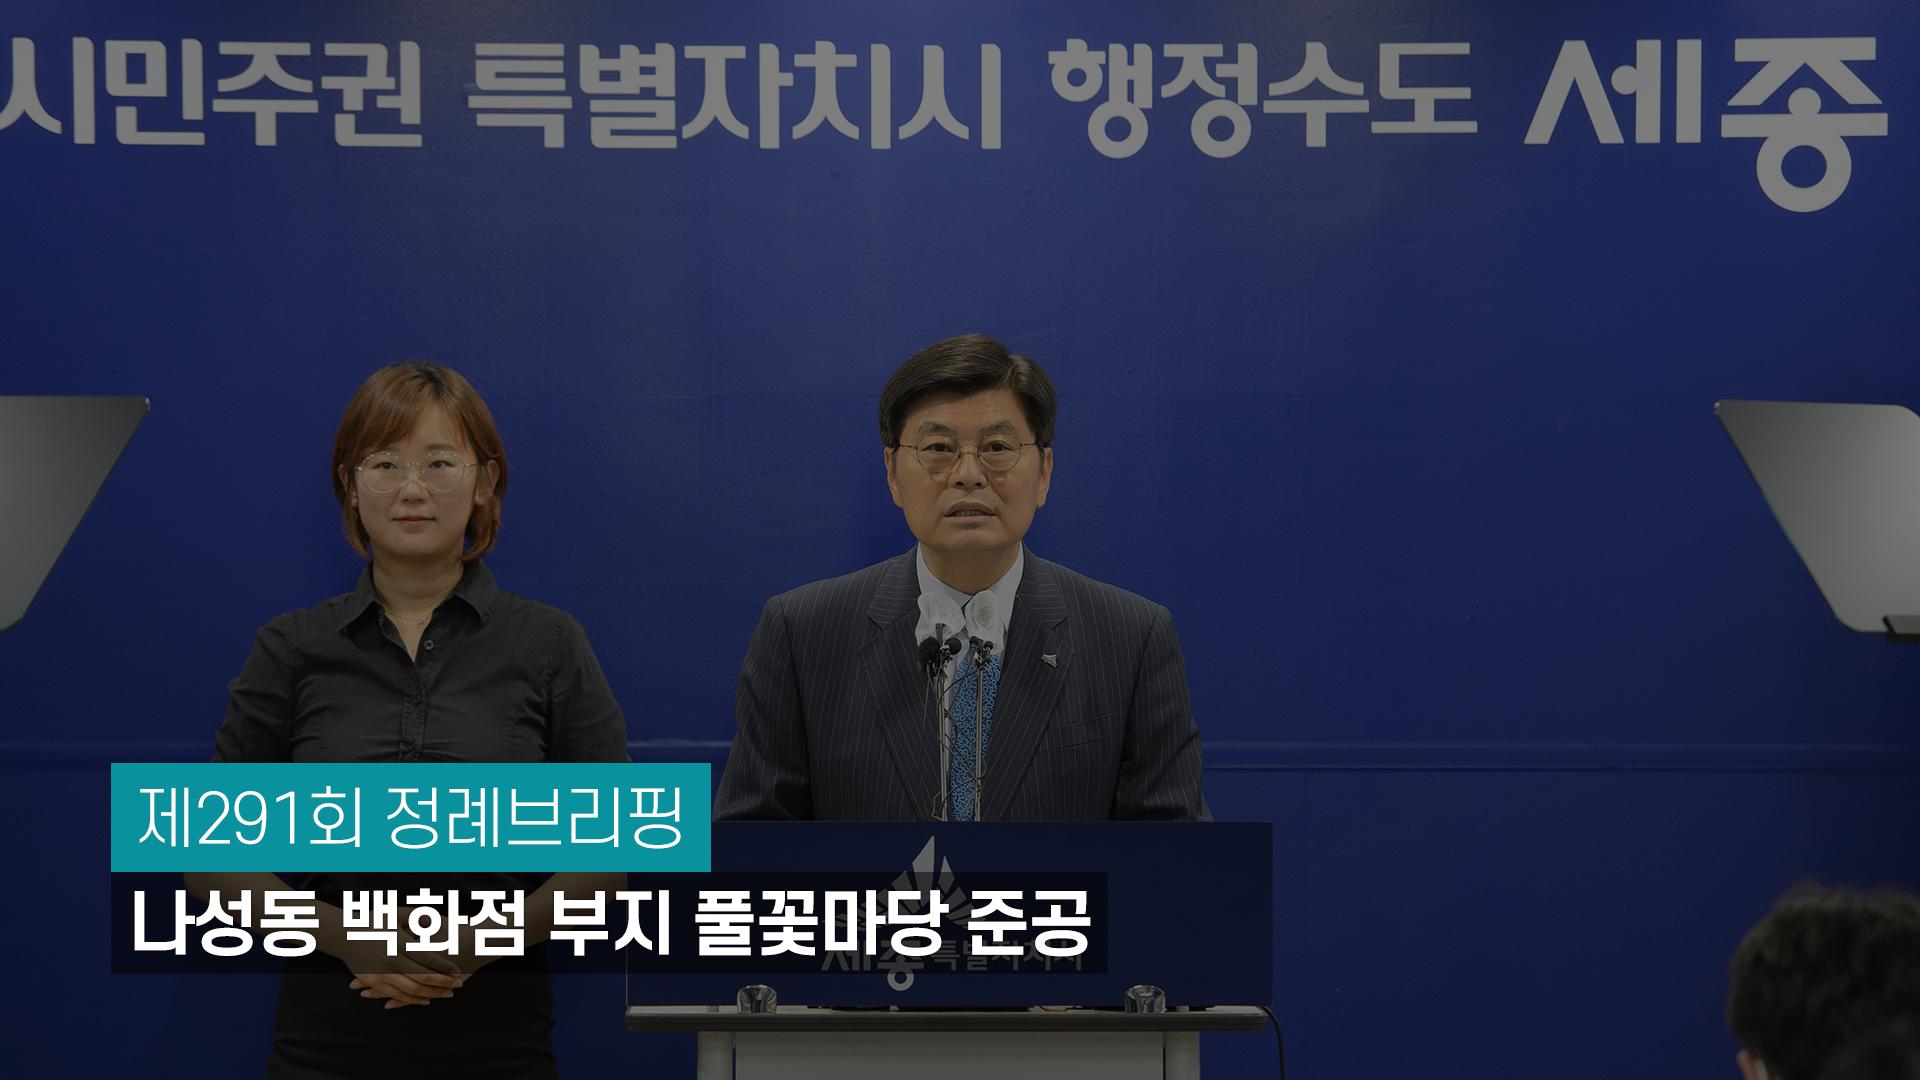 <291번째 정례브래핑> 나성동 백화점 부지 풀꽃마당 준공